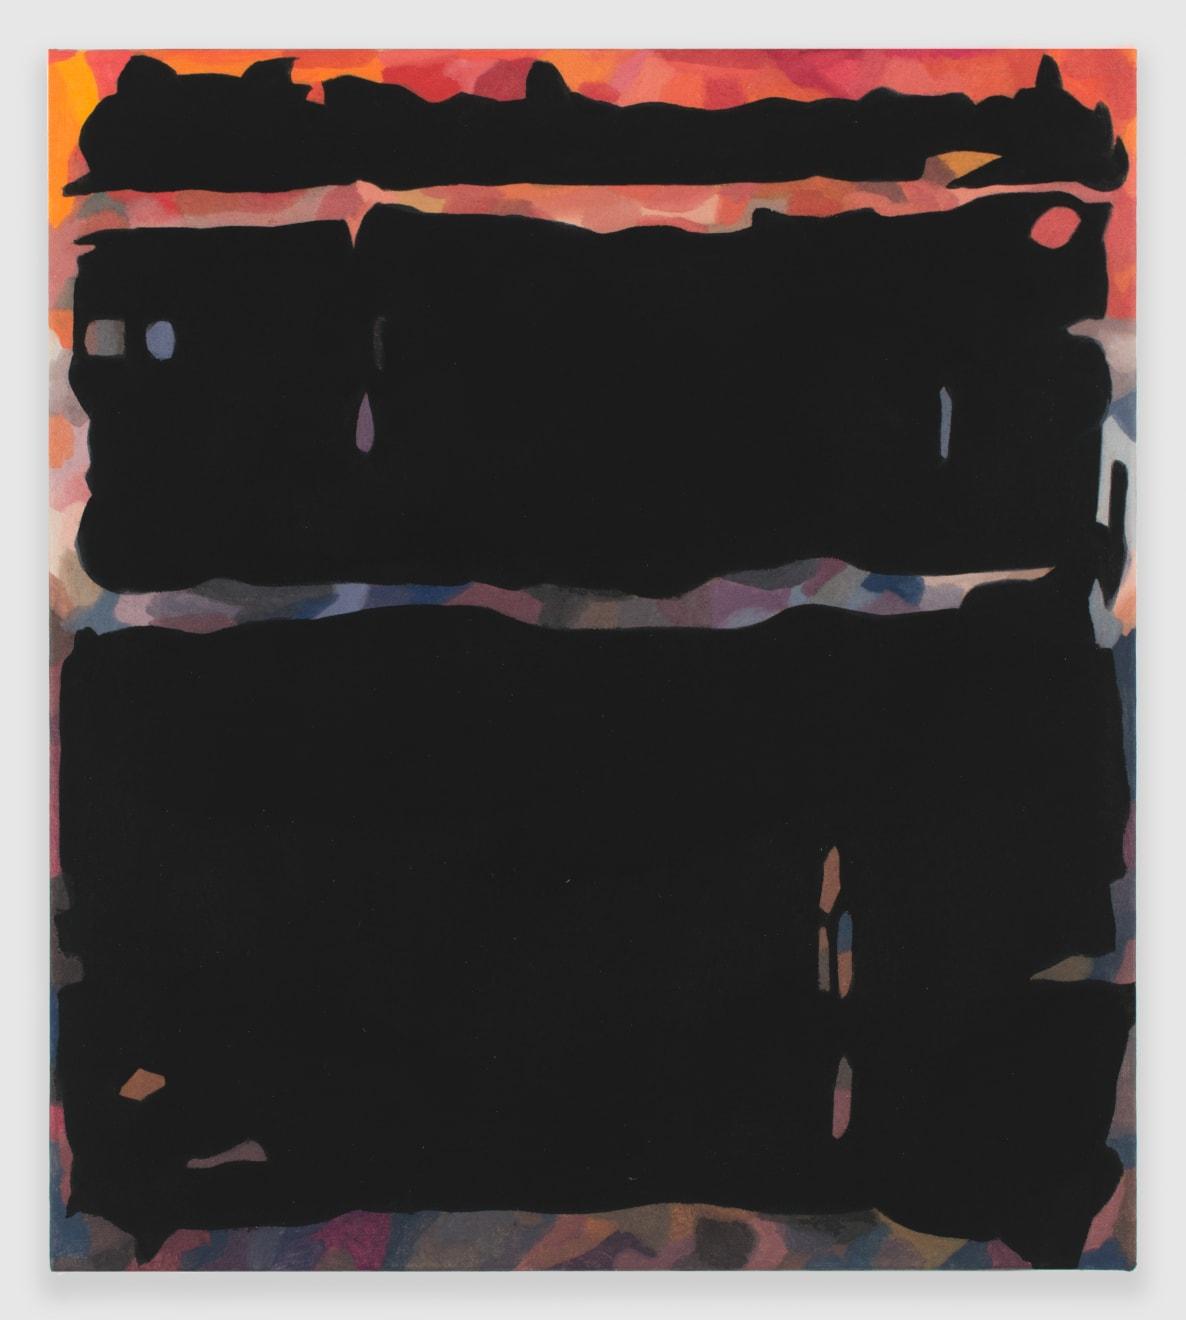 Rob Ventura, Dark Matter II, 2015